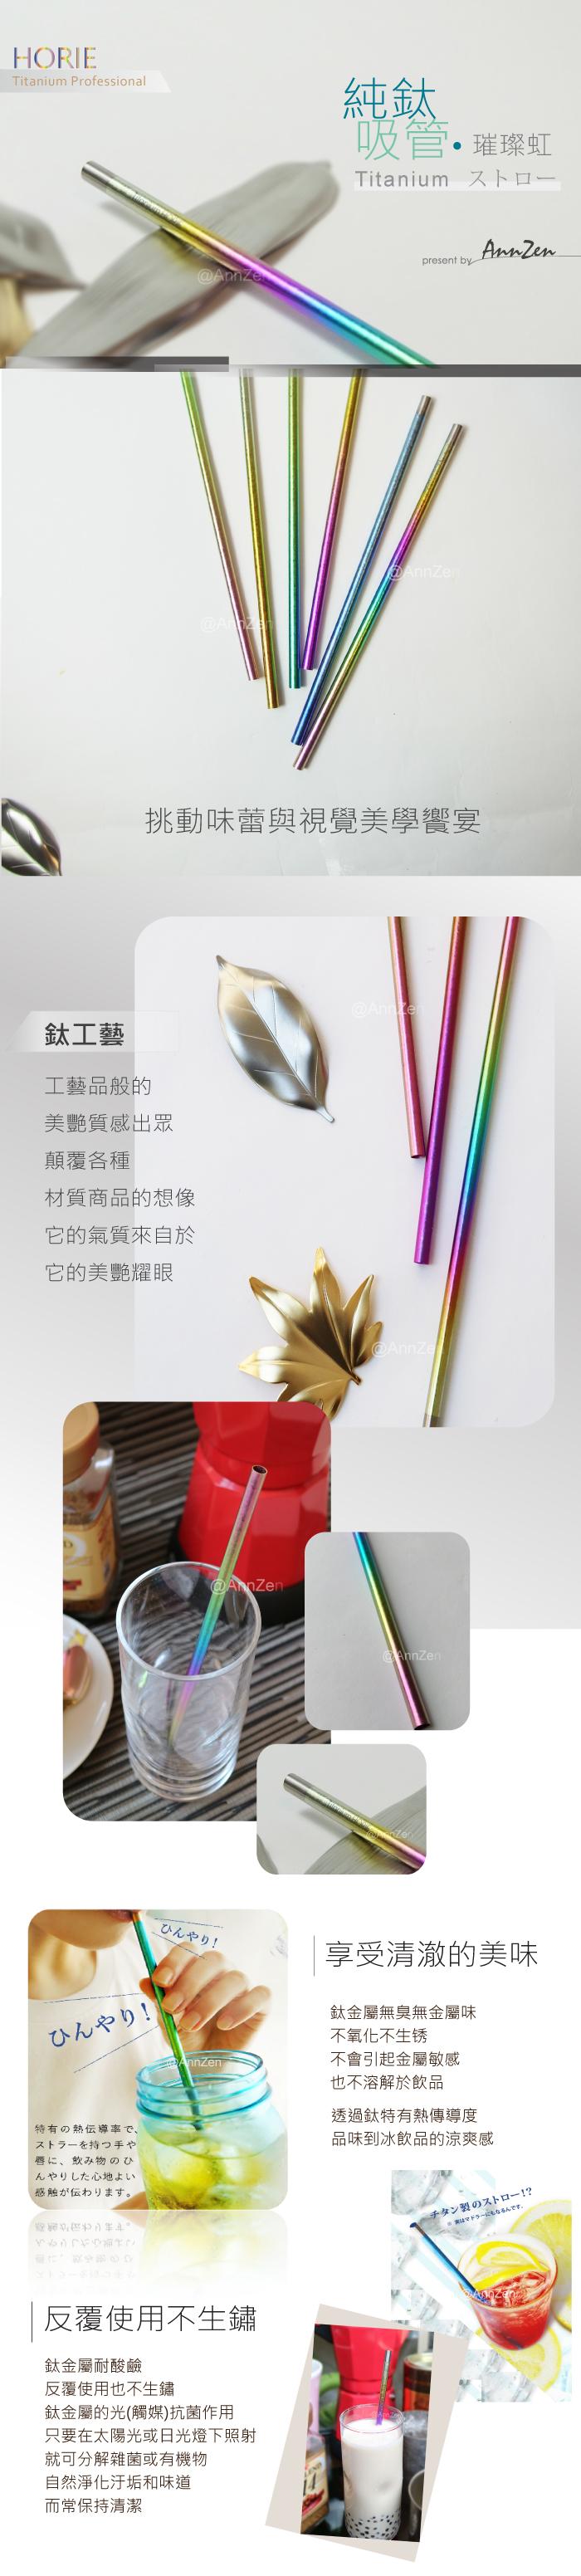 日本HORIE|鈦愛地球-純鈦ECO環保吸管-璀璨虹